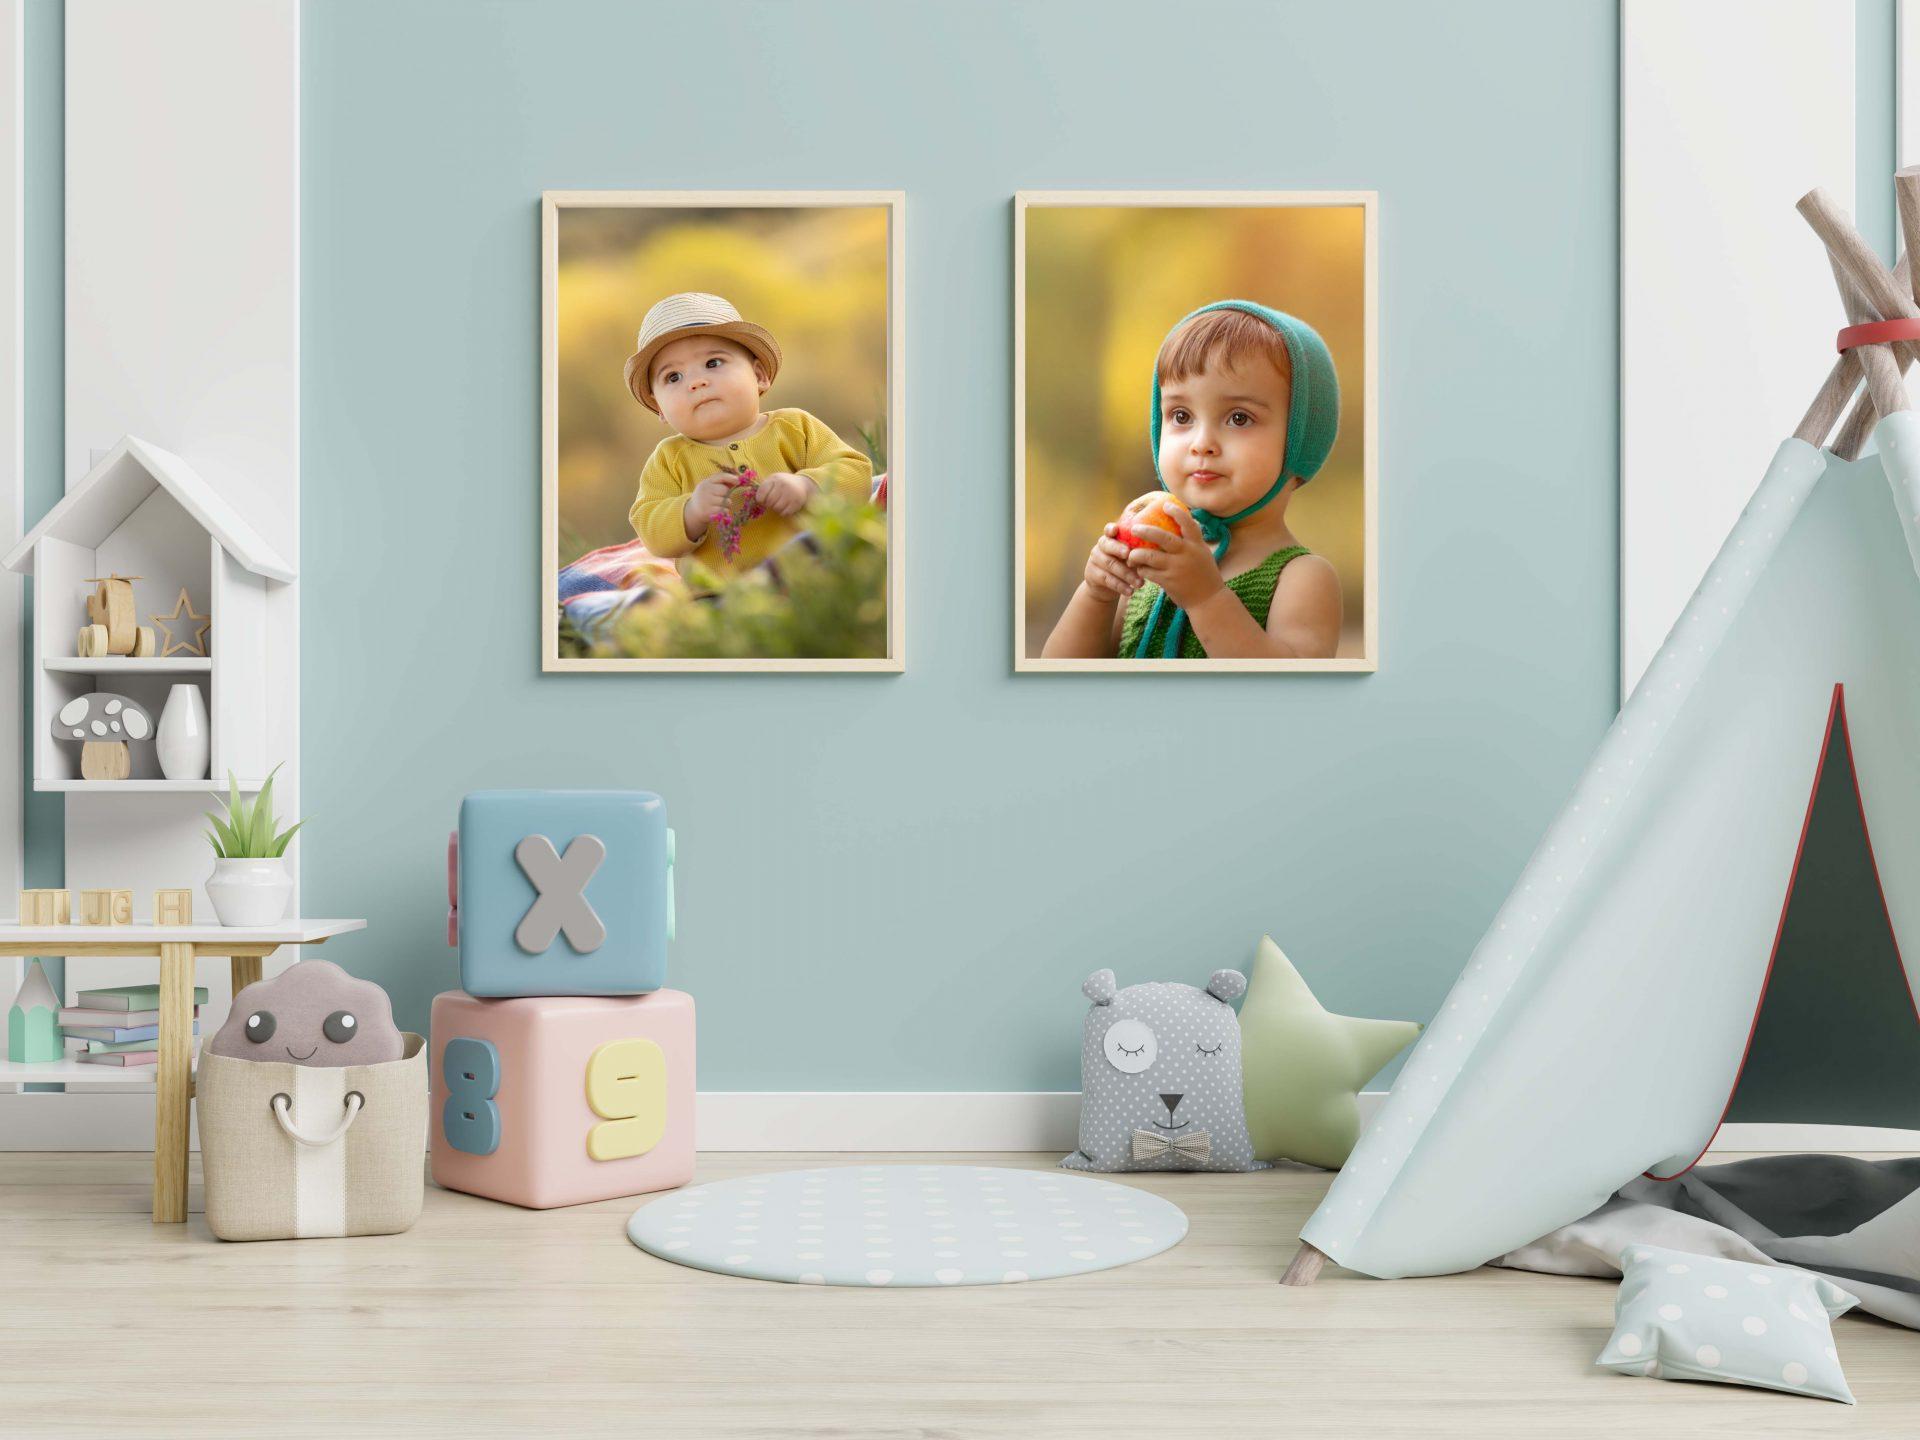 sesion-de-fotos-en-exteriores-infantil-beata-praska-fotografia